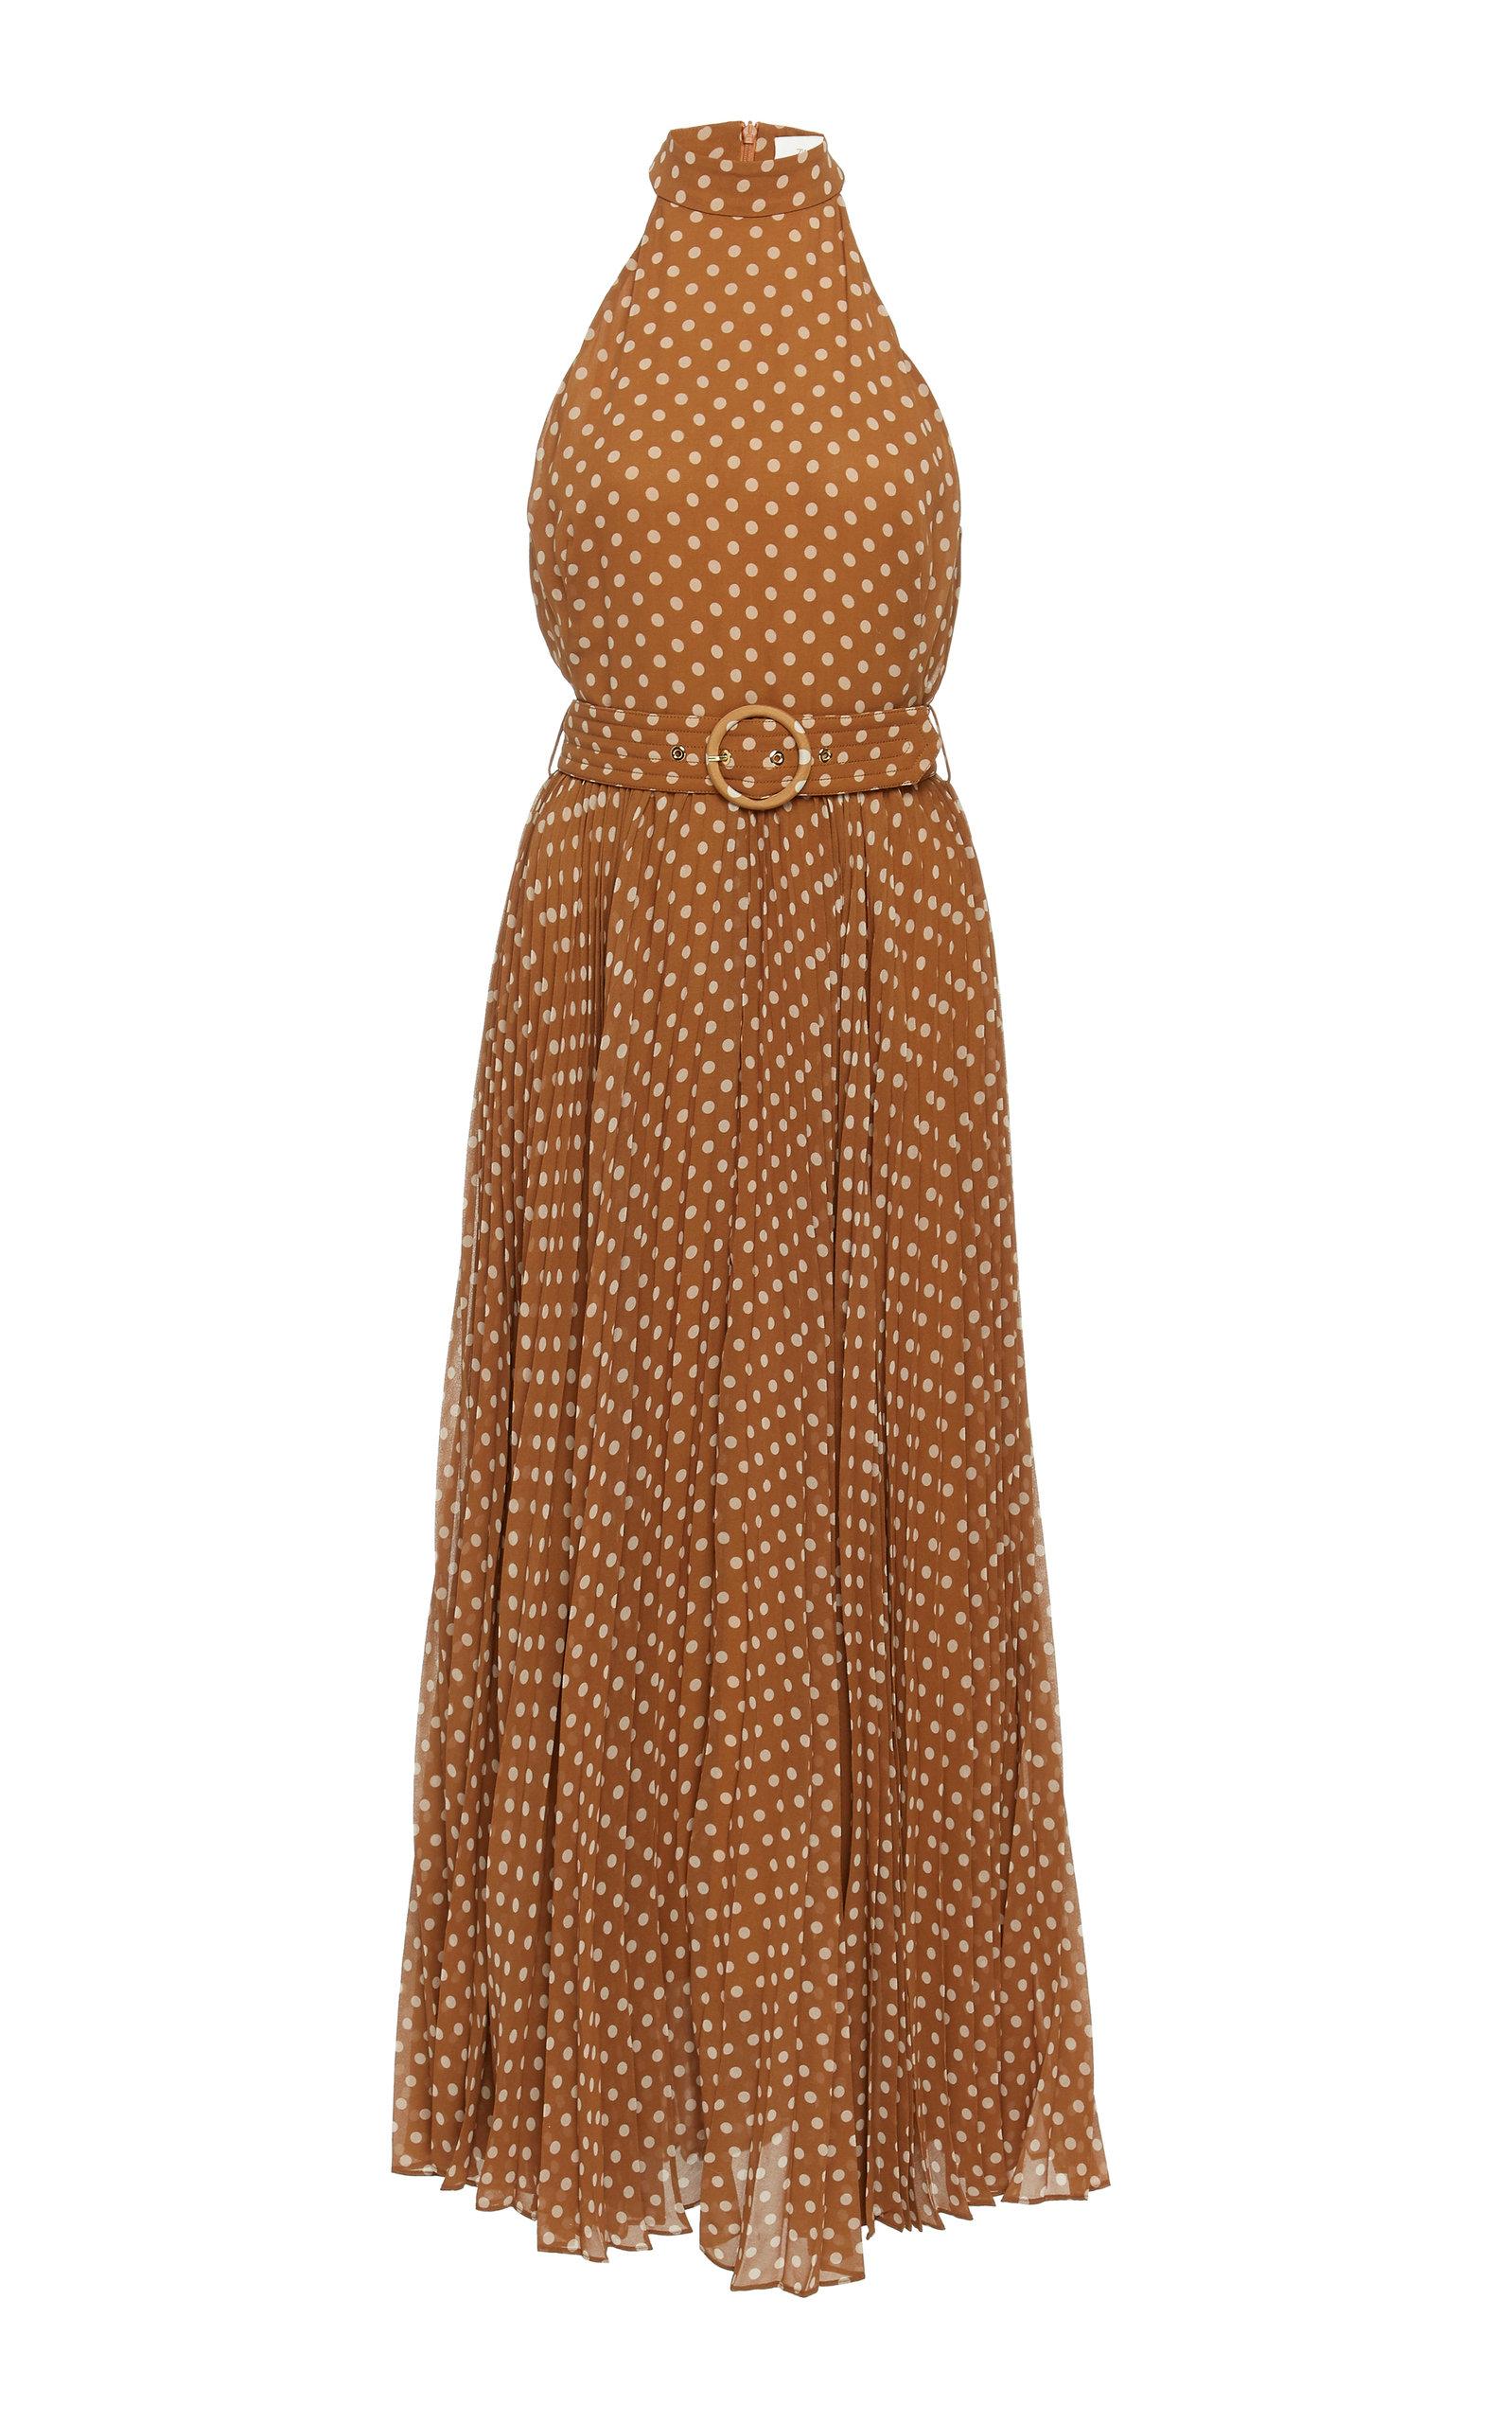 9af6df94ce80 Espionage Polka Dot Pleated Chiffon Dress by Zimmermann | Moda Operandi